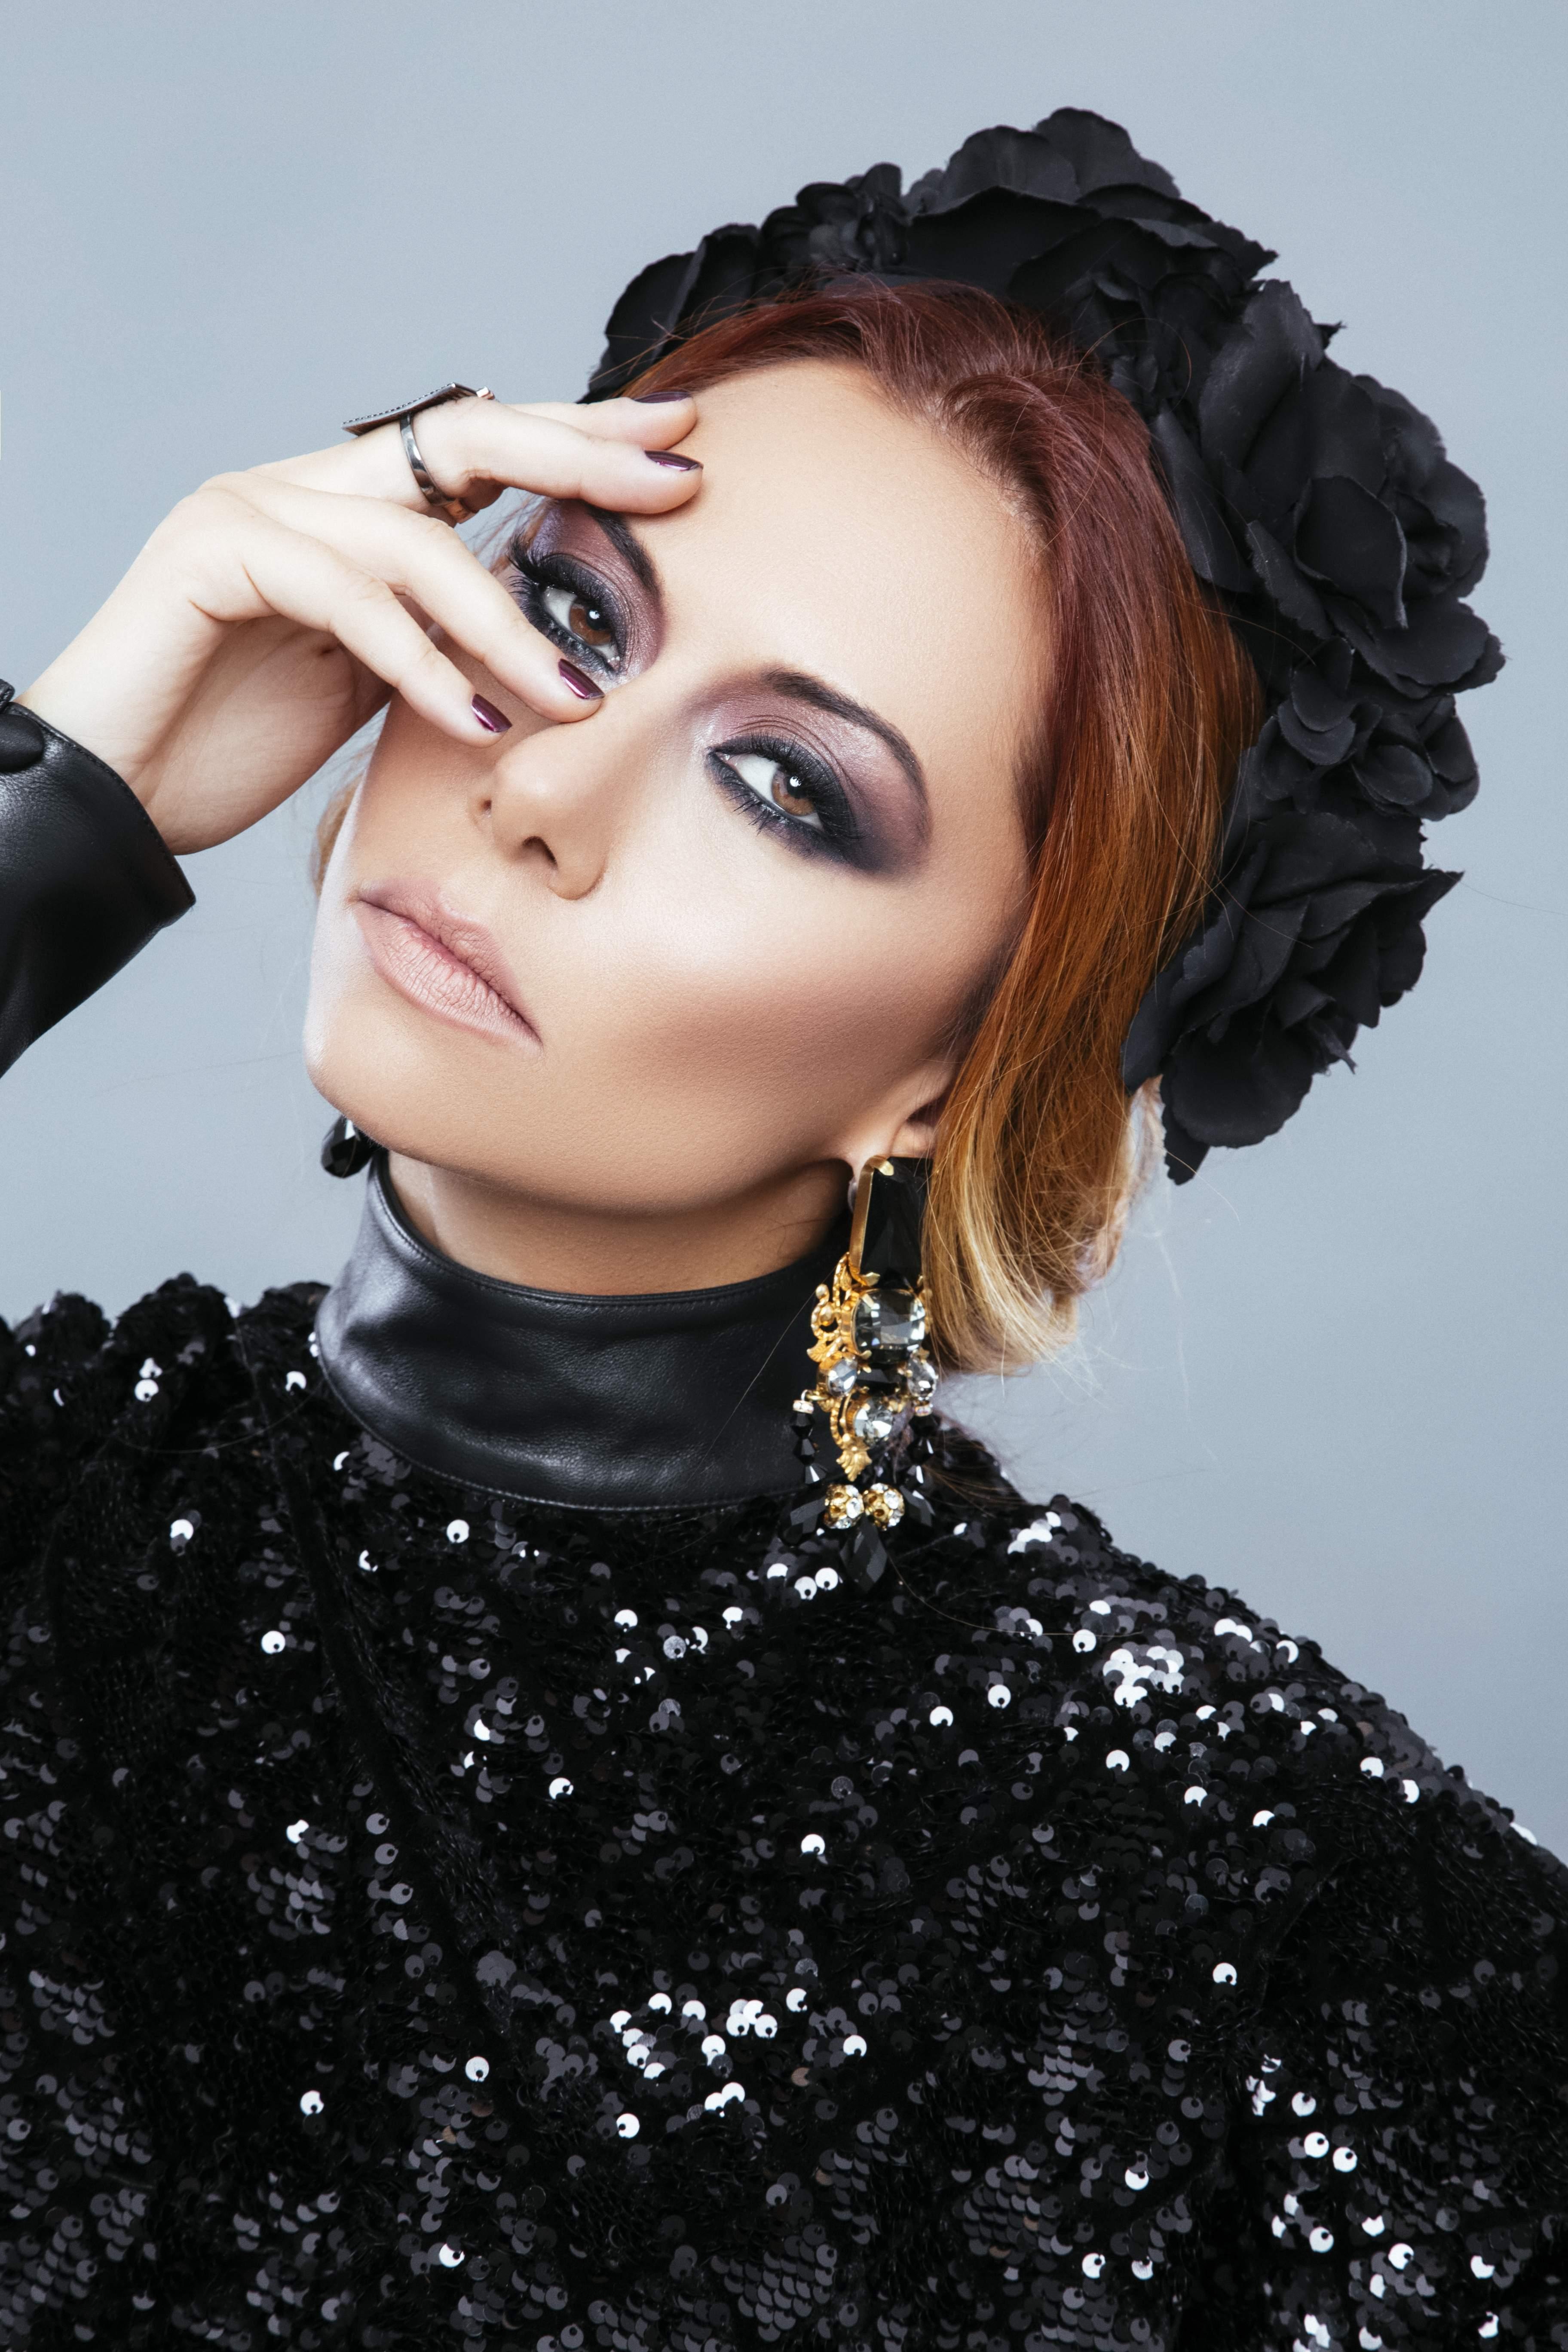 Tedi Katsarova